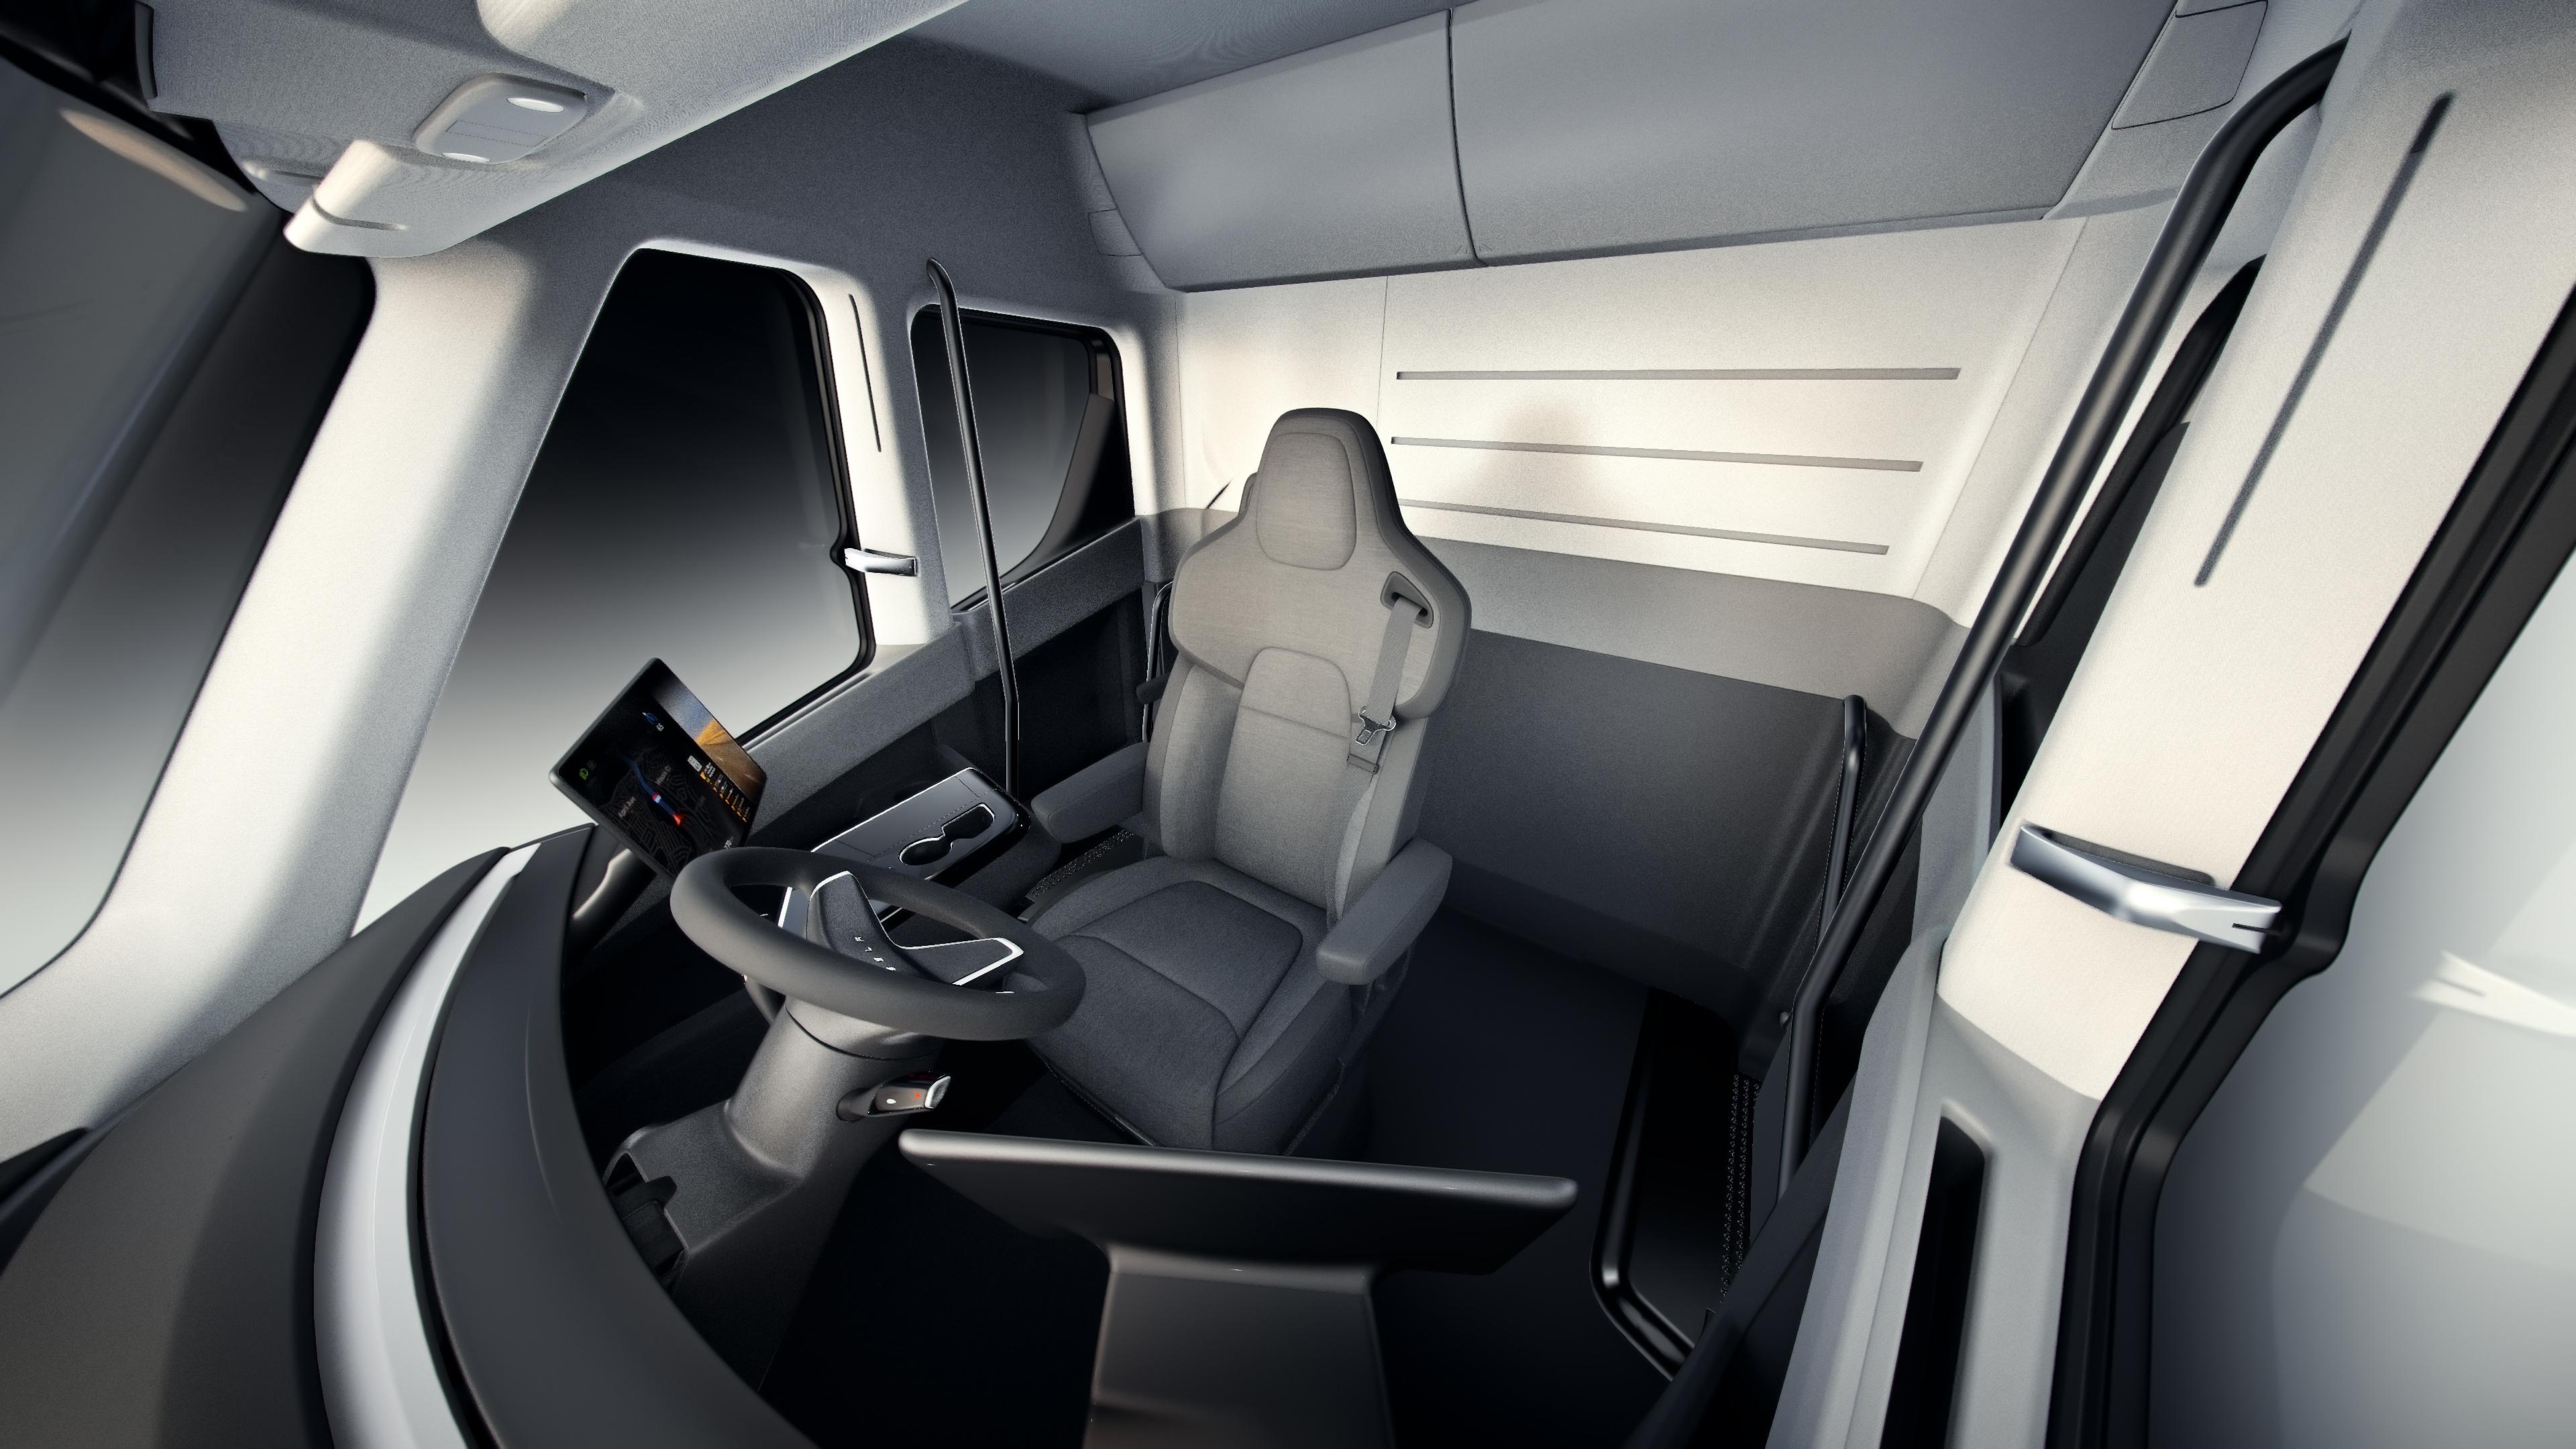 Tesla vrachtwagen interieur